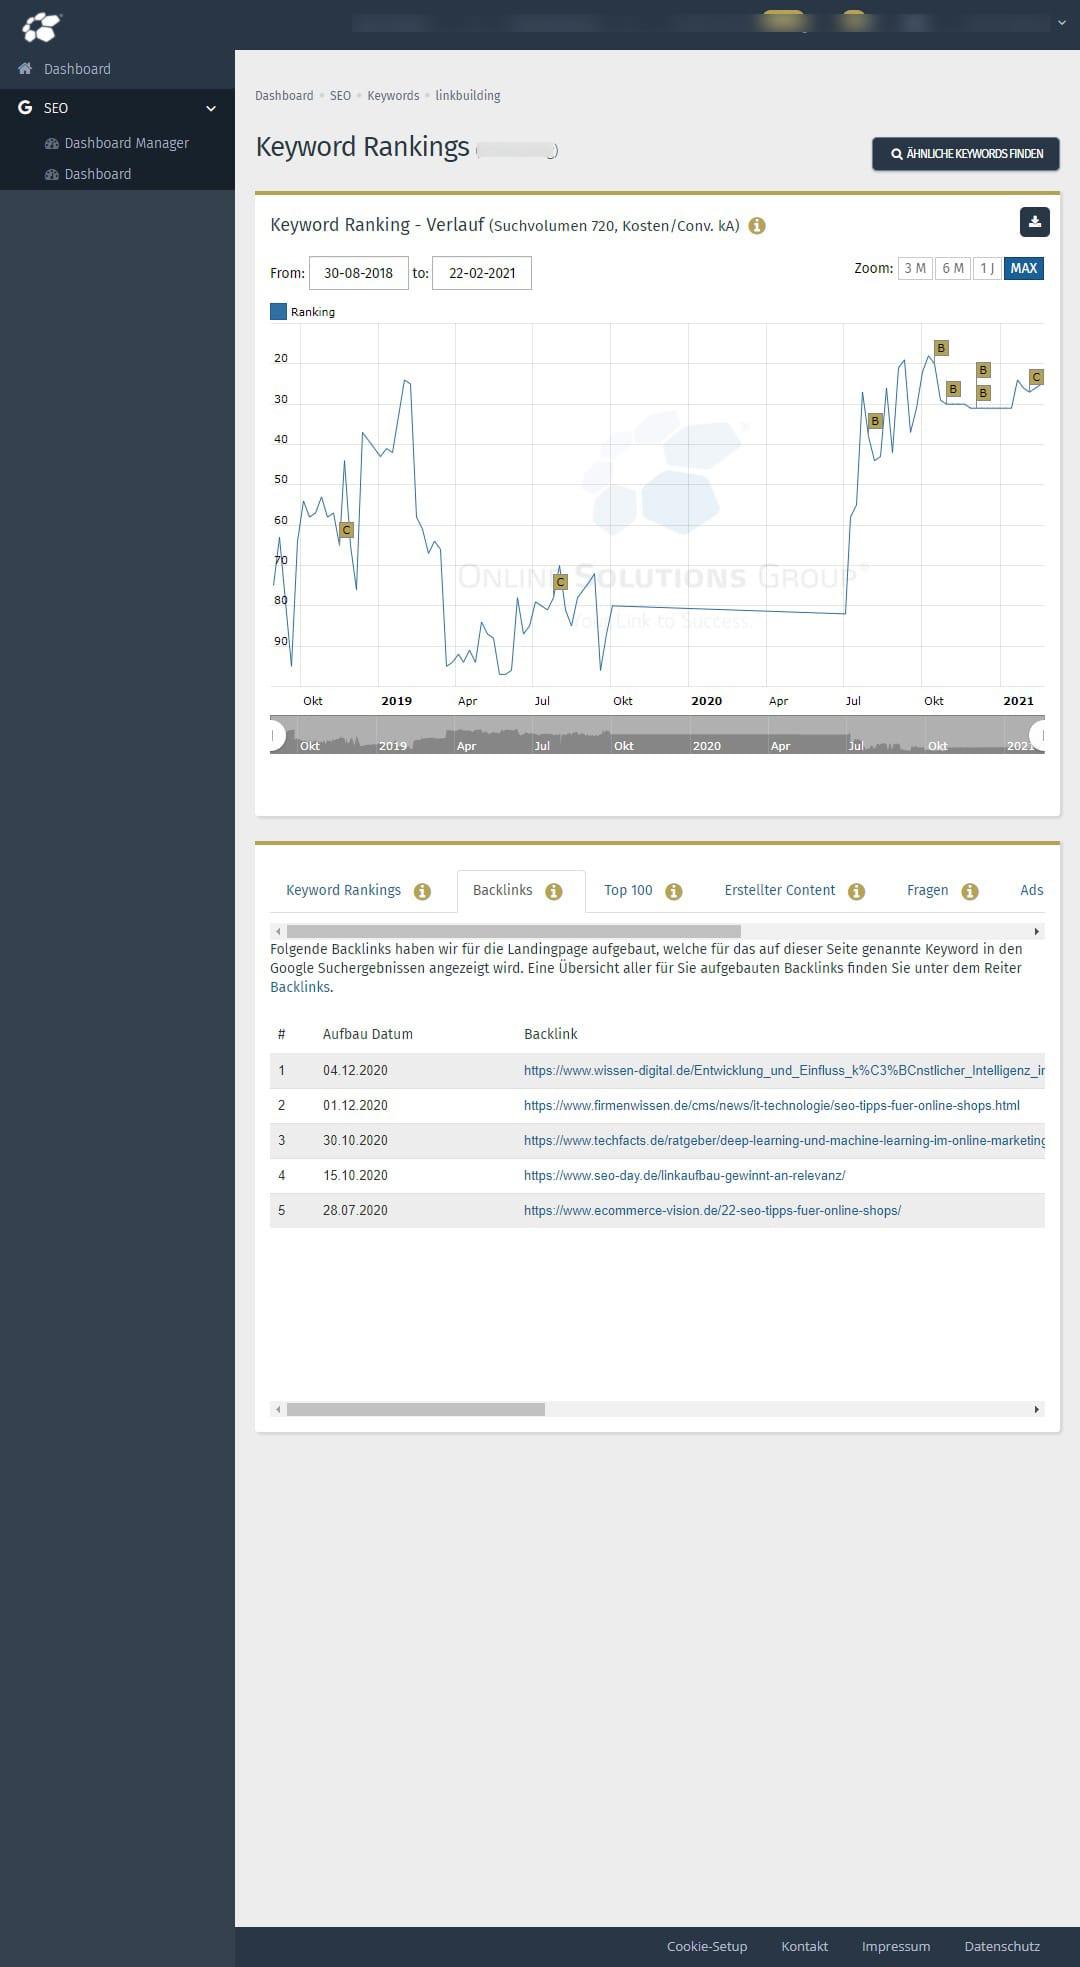 Backlinks Content Ranking-Verlauf in der Performance Suite